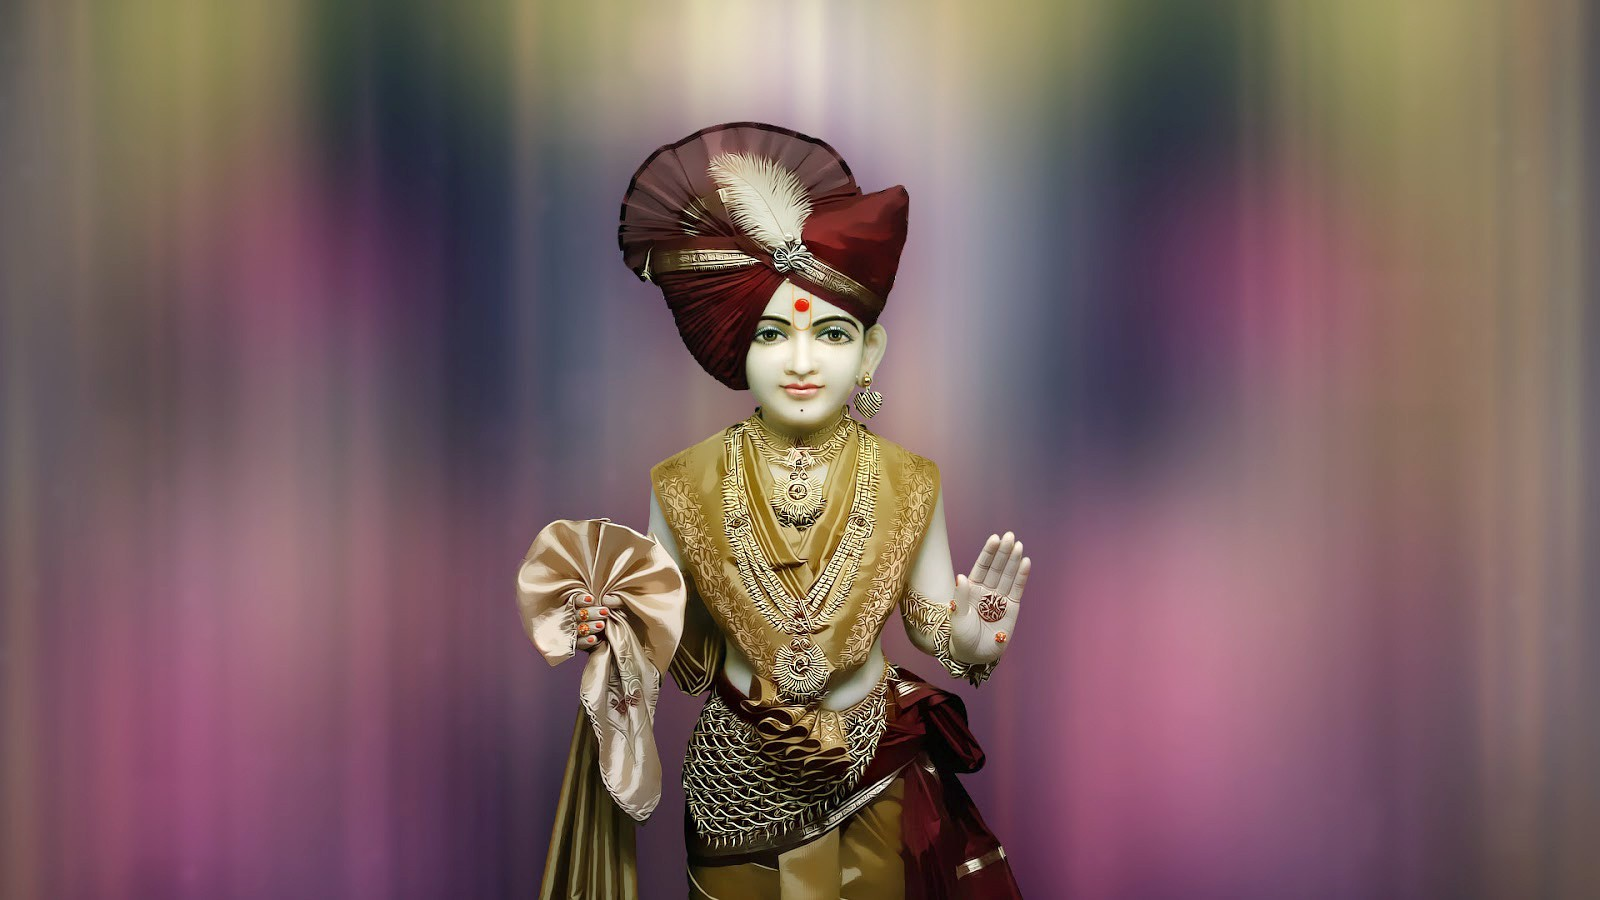 Baps Swaminarayan Wallpapers - New HD Wallpapers